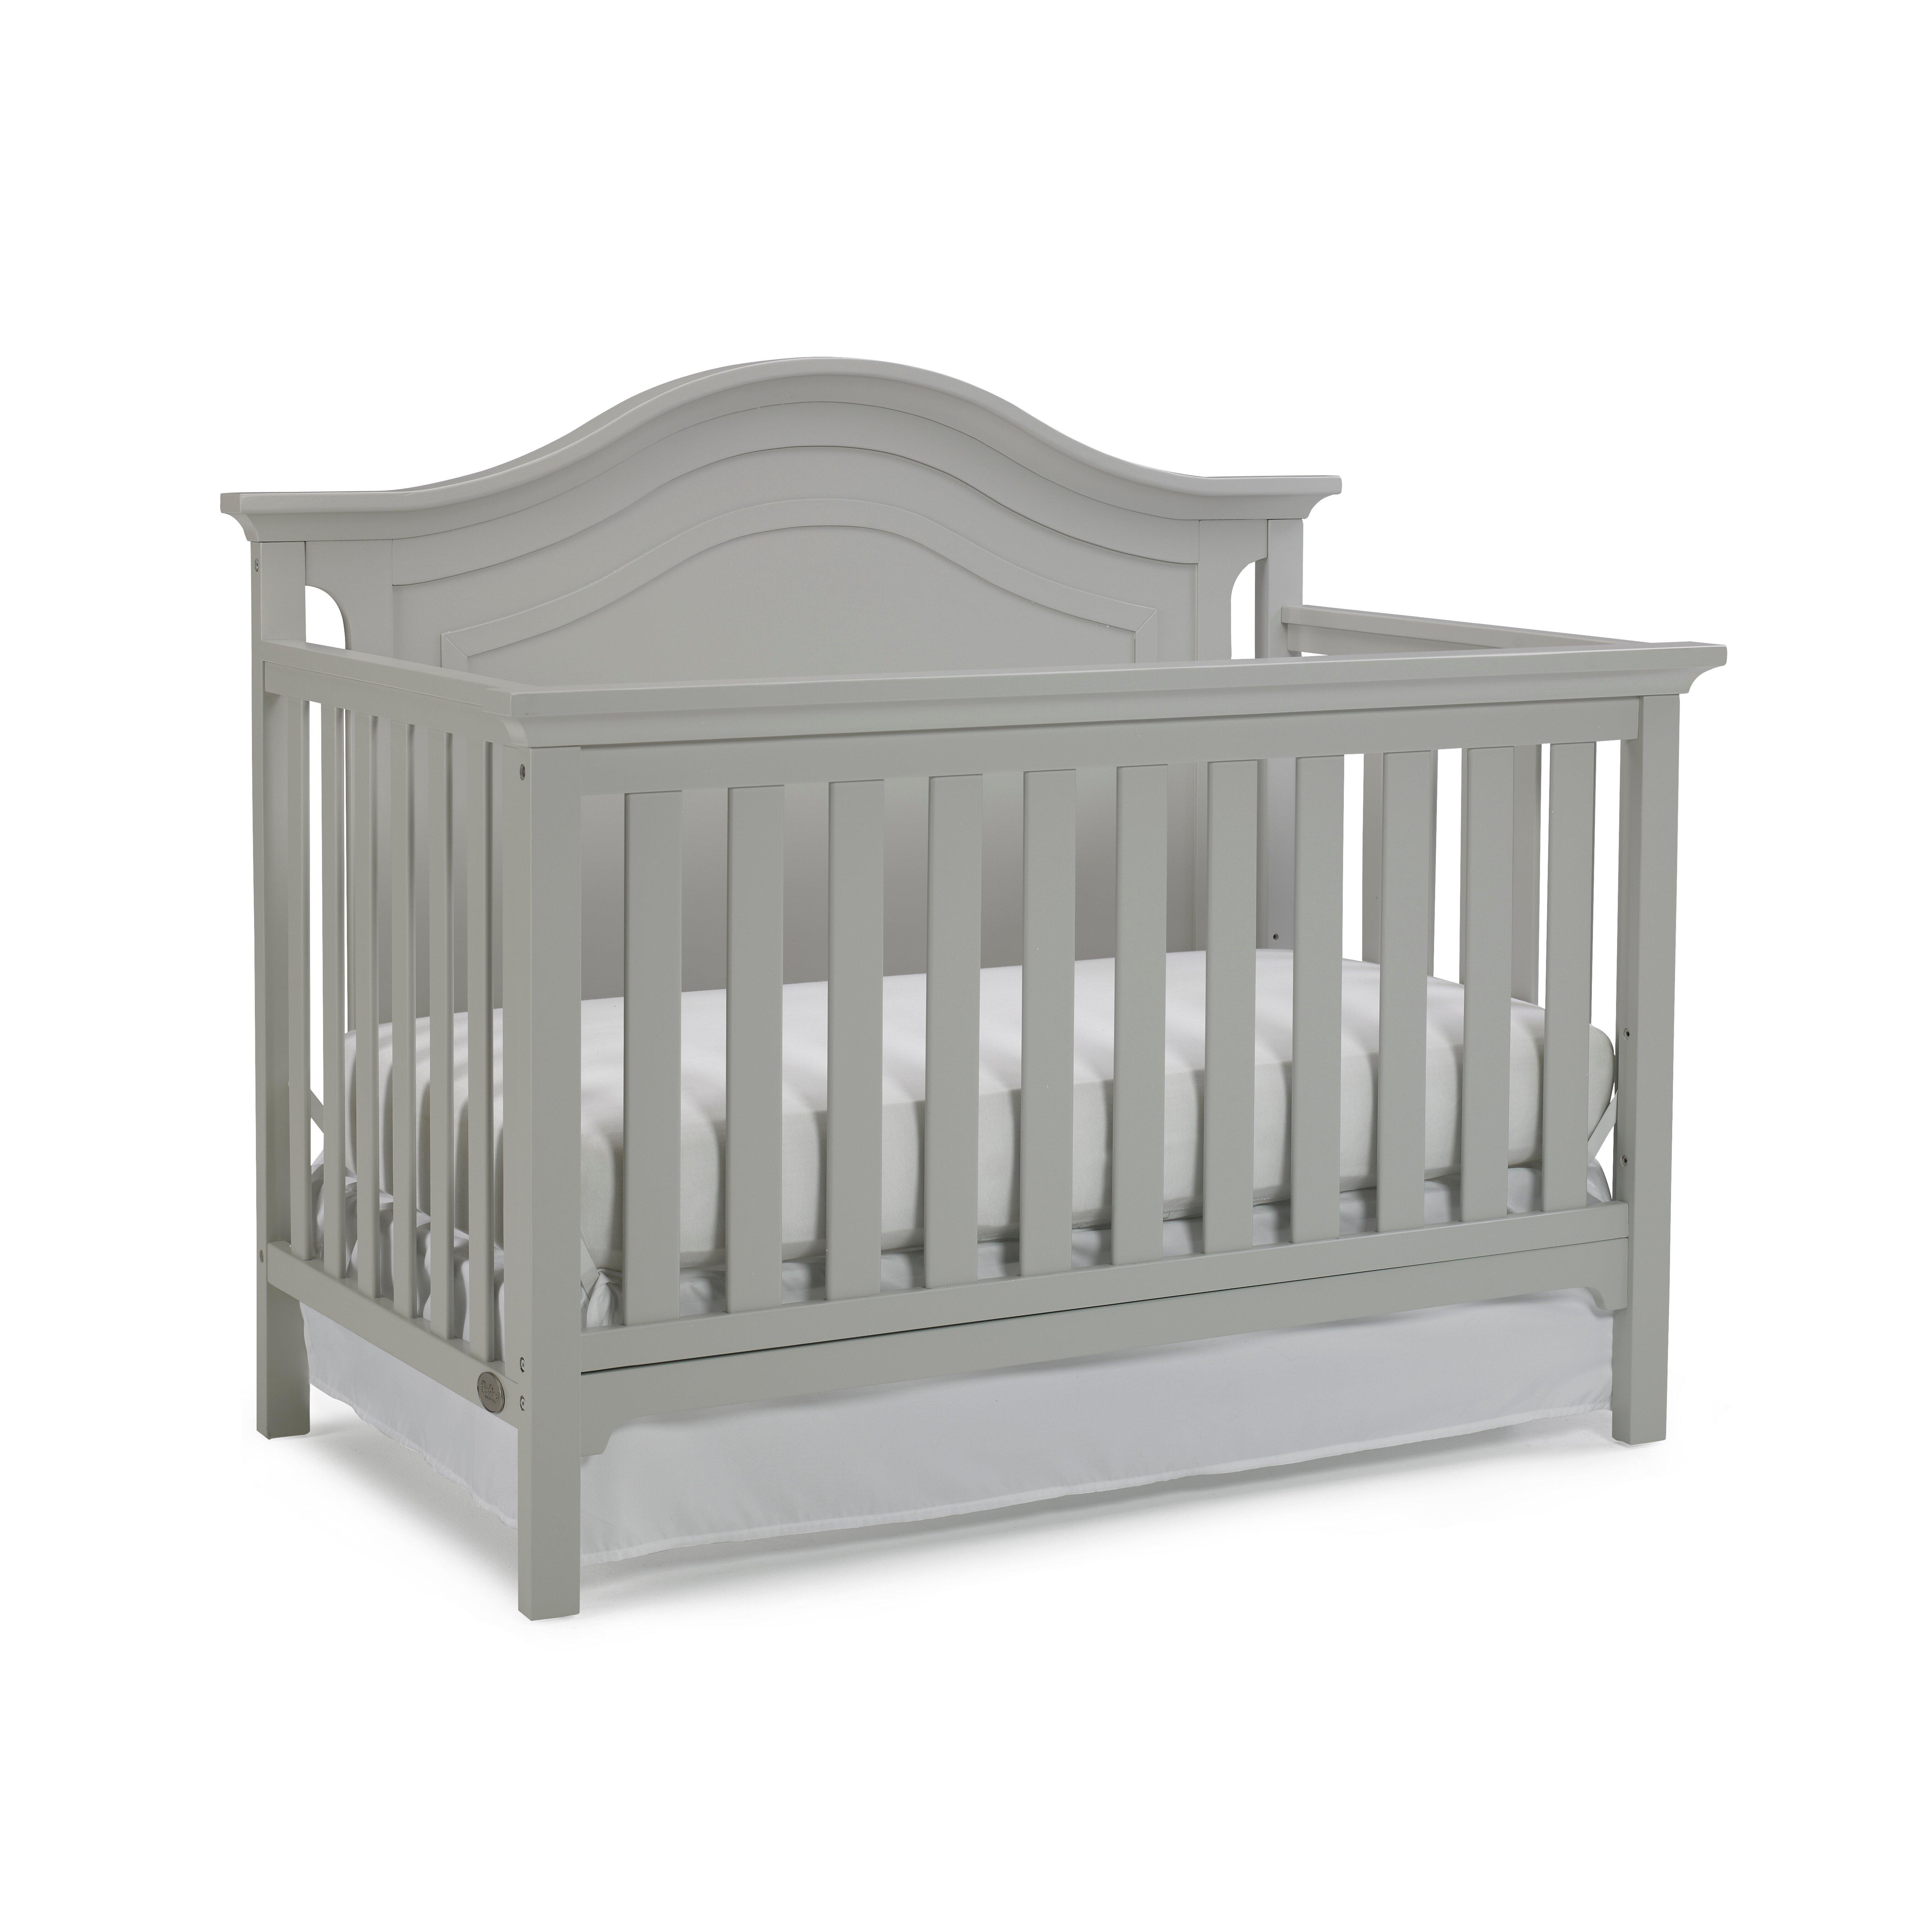 Crib for sale - Grey Crib For Sale Ti Amo Catania 4 In 1 Convertible Crib